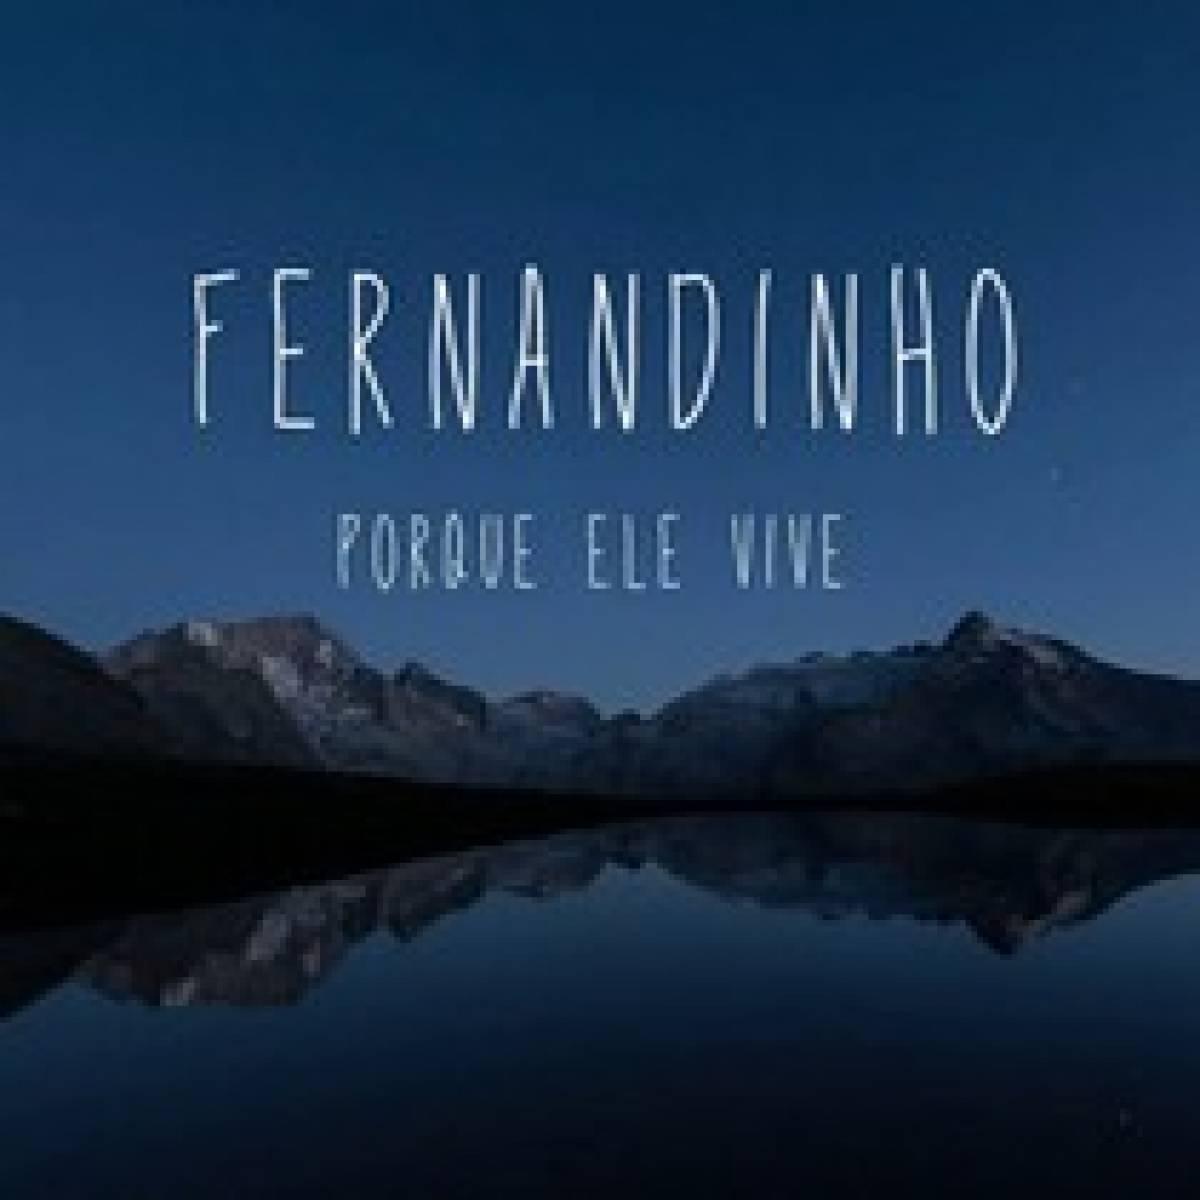 Música Porque Ele Vive - Fernandinho - Baixar SOM Gospel